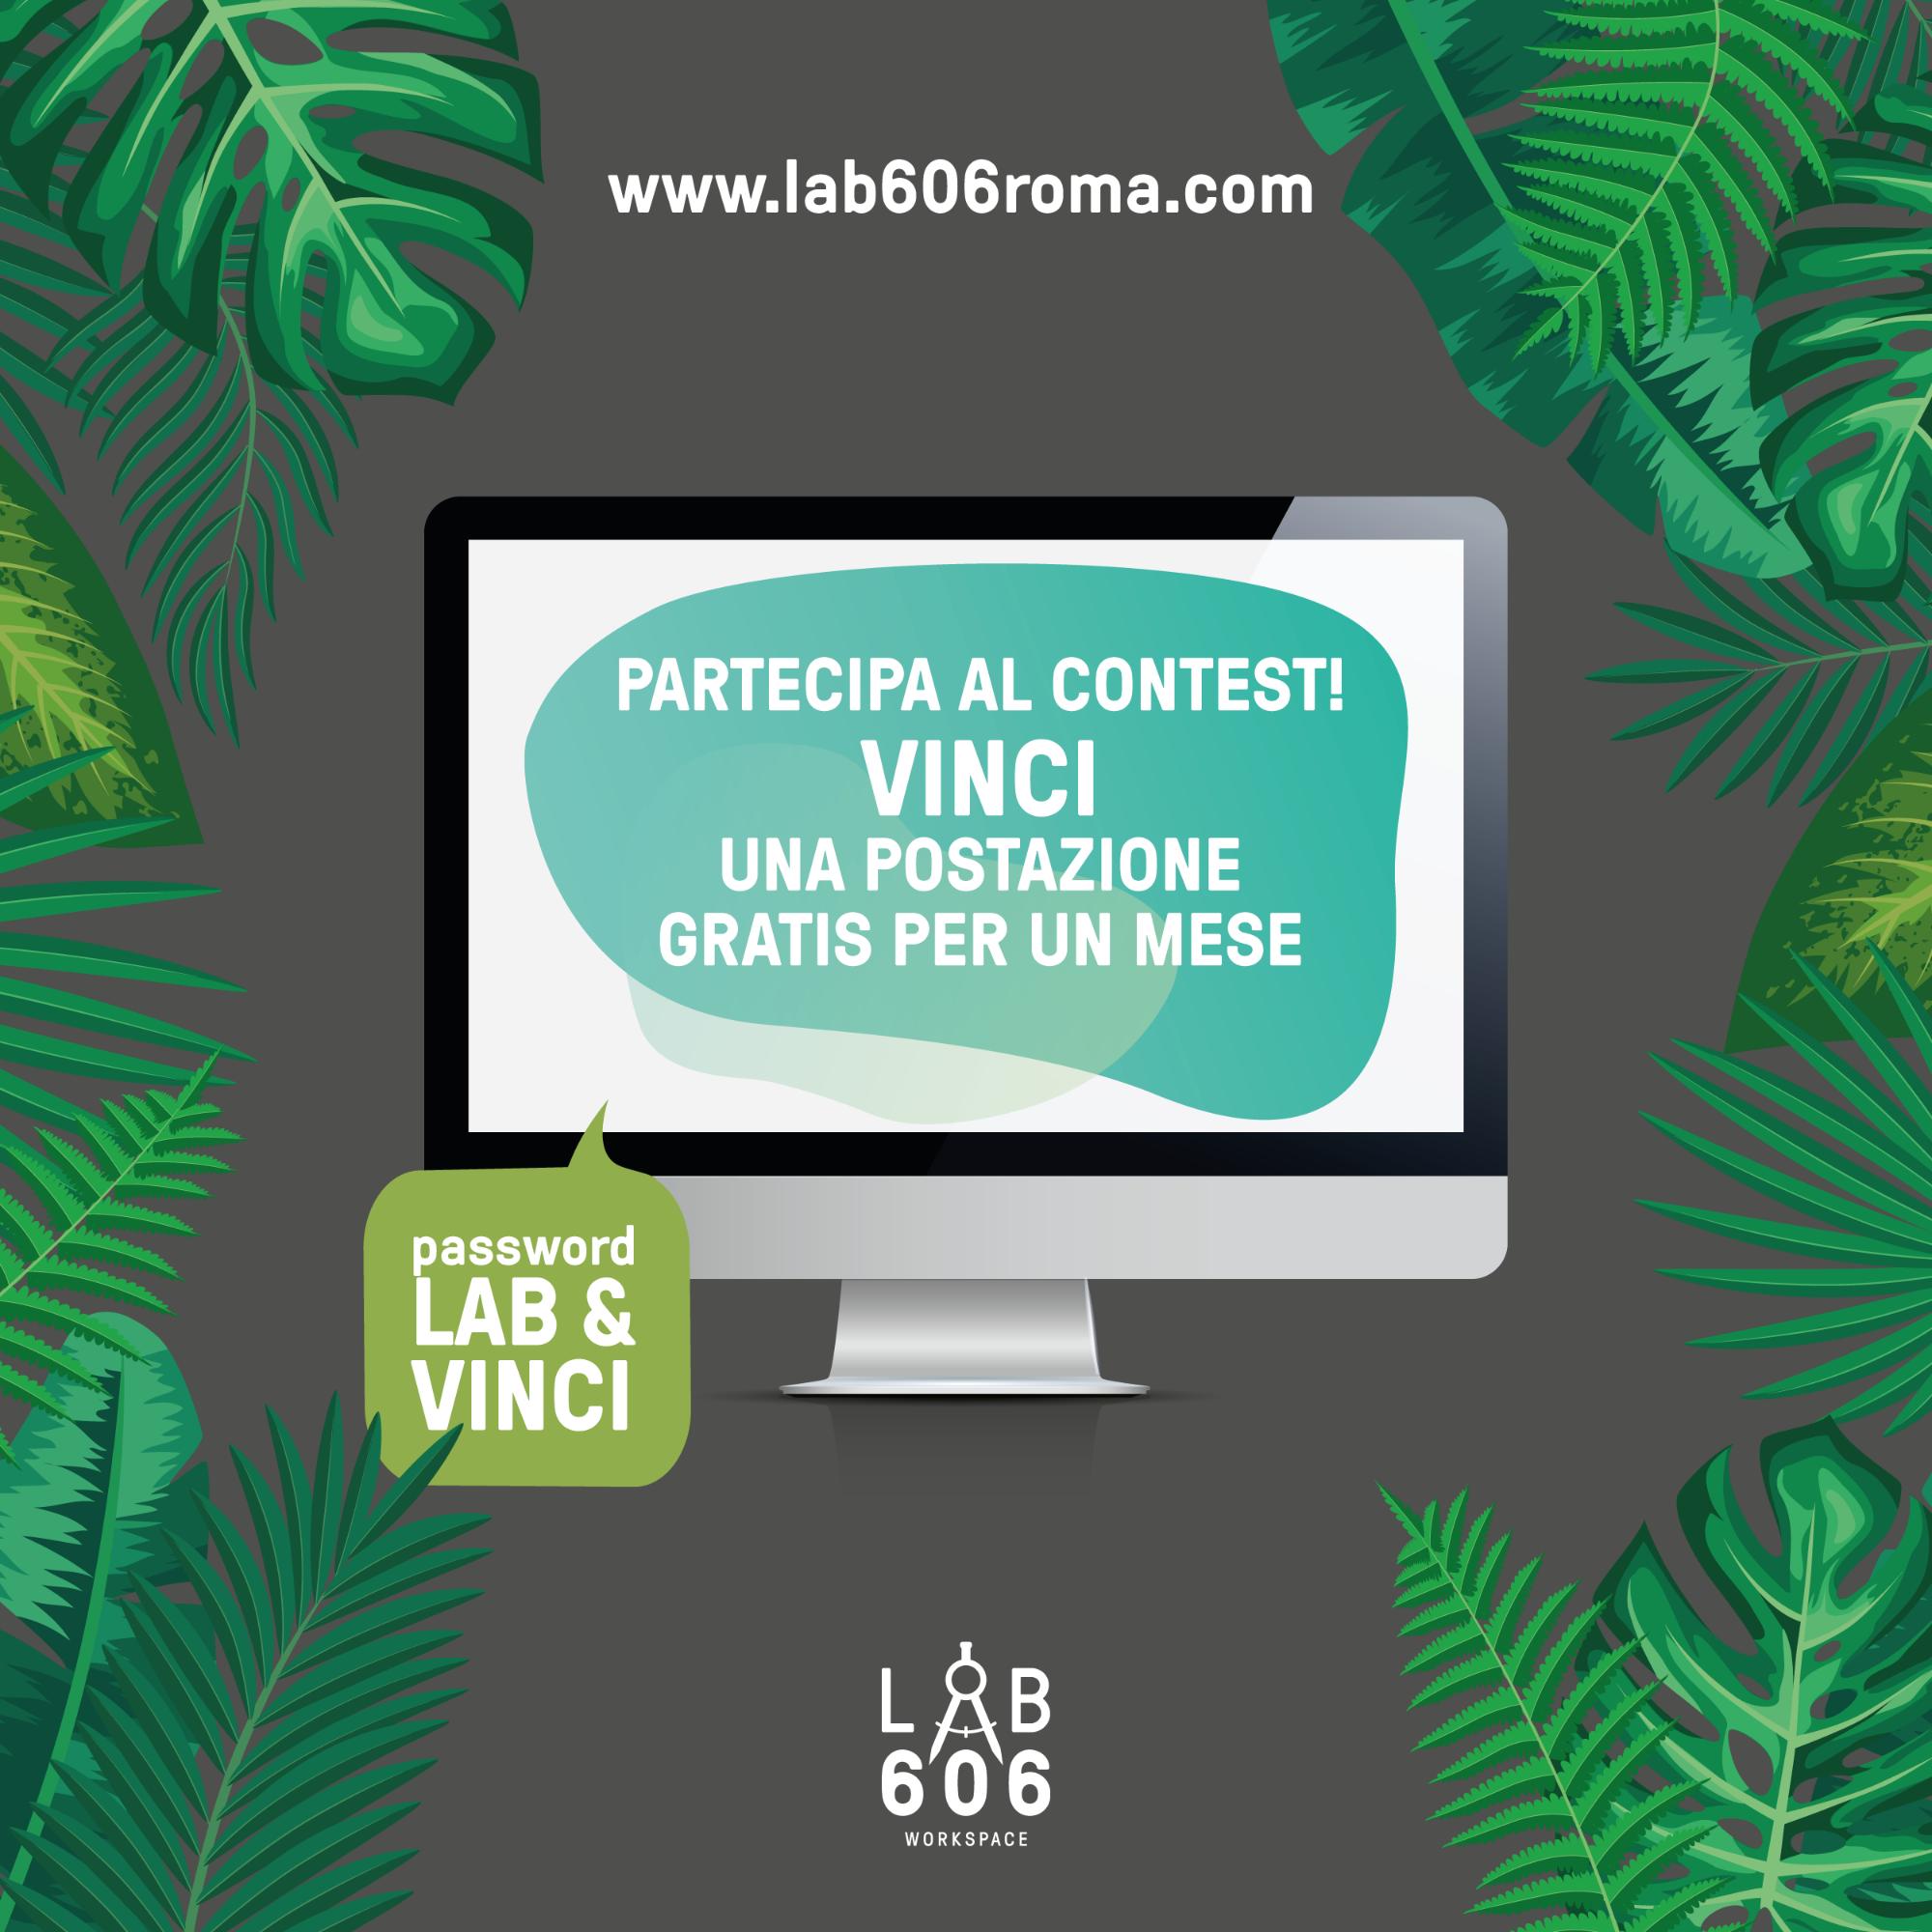 Partecipa ora al Contest di LAB 606. In palio una postazione di lavoro per un mese GRATUITA.